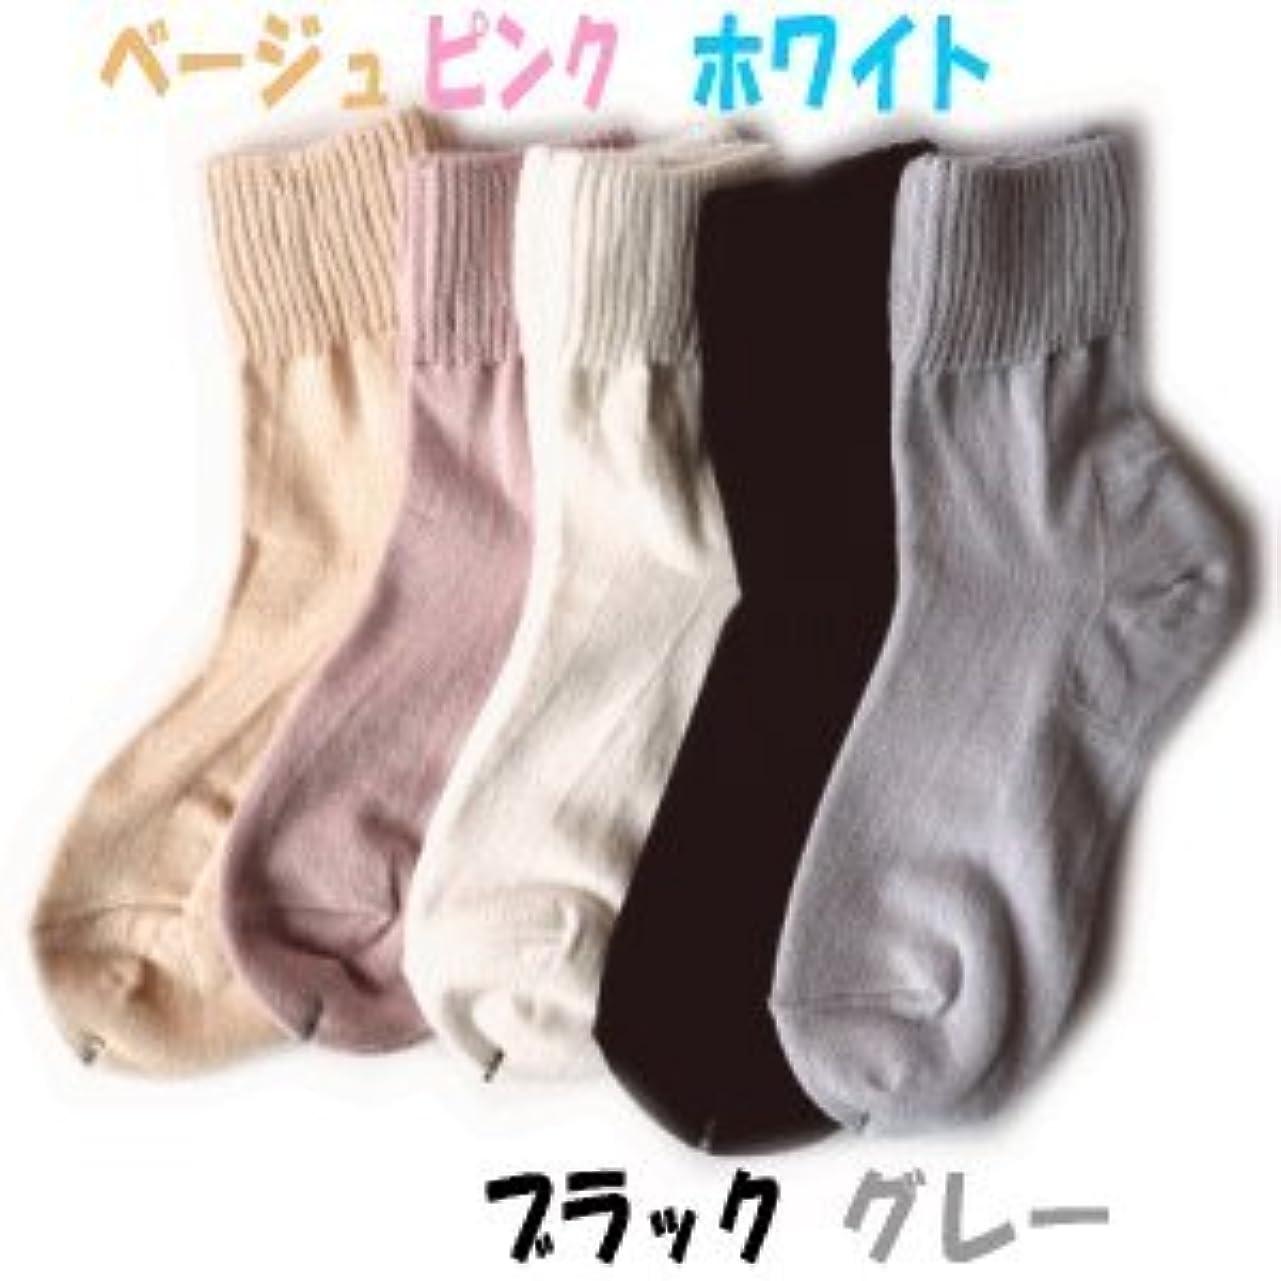 断言する代数革命的薄手 ゆったり かかと ツルツル 靴下 ピンク 角質ケア ひび割れ対策 22-24cm 太陽ニット 574